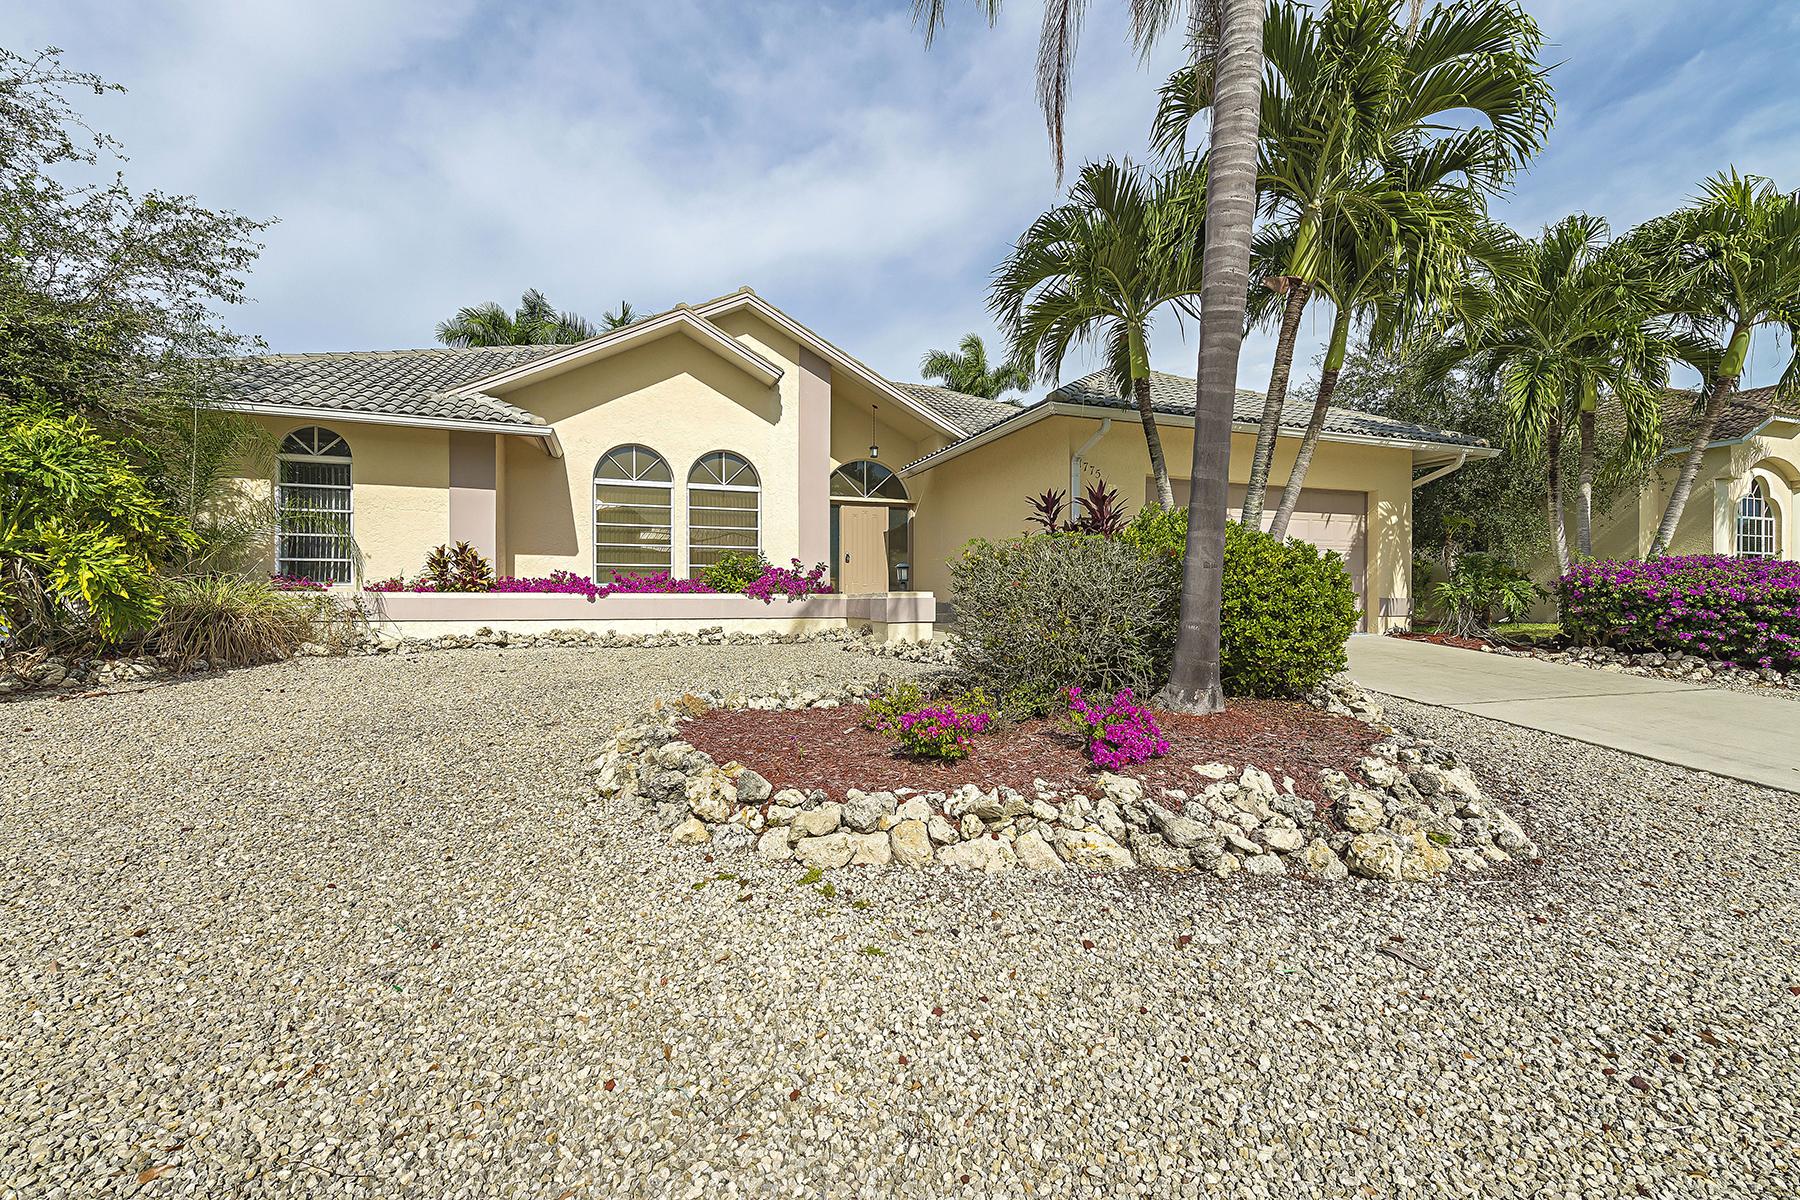 Частный односемейный дом для того Продажа на MARCO ISLAND - WATERFALL CT. 1775 Waterfall Ct Marco Island, Флорида, 34145 Соединенные Штаты